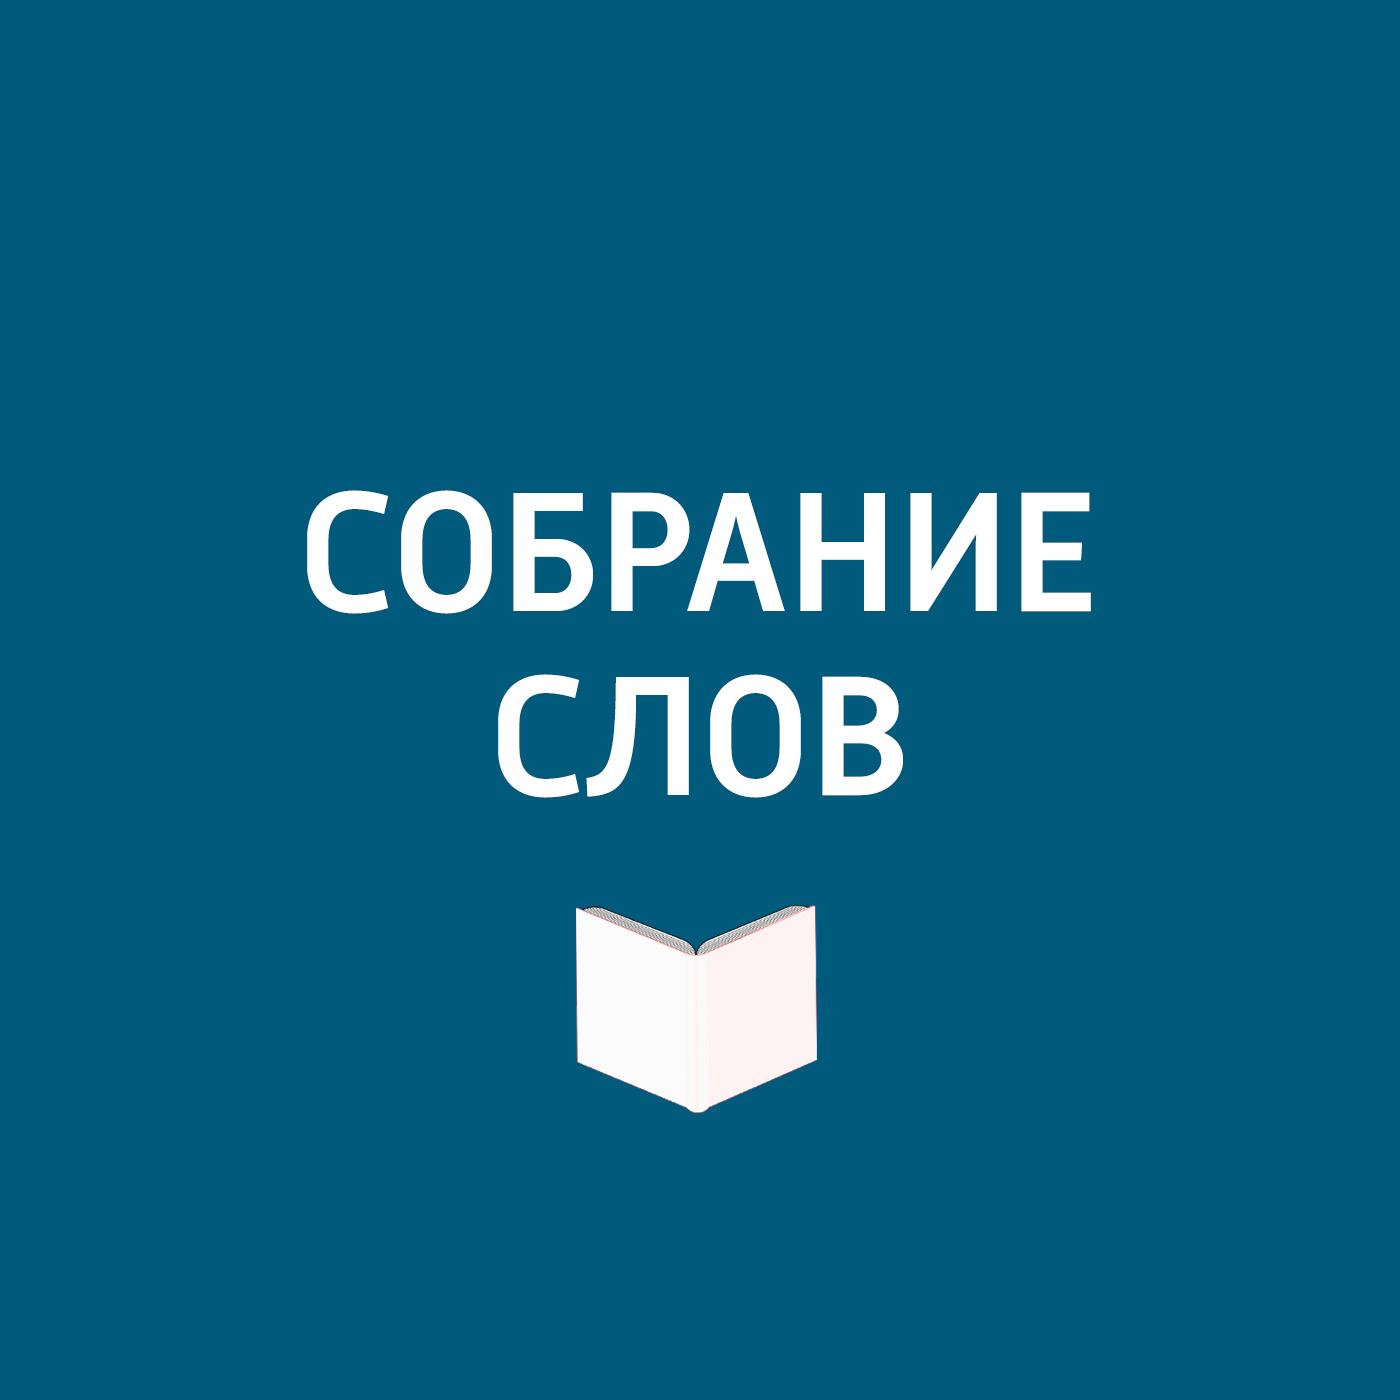 Творческий коллектив программы «Собрание слов» Большое интервью Юлии Ауг